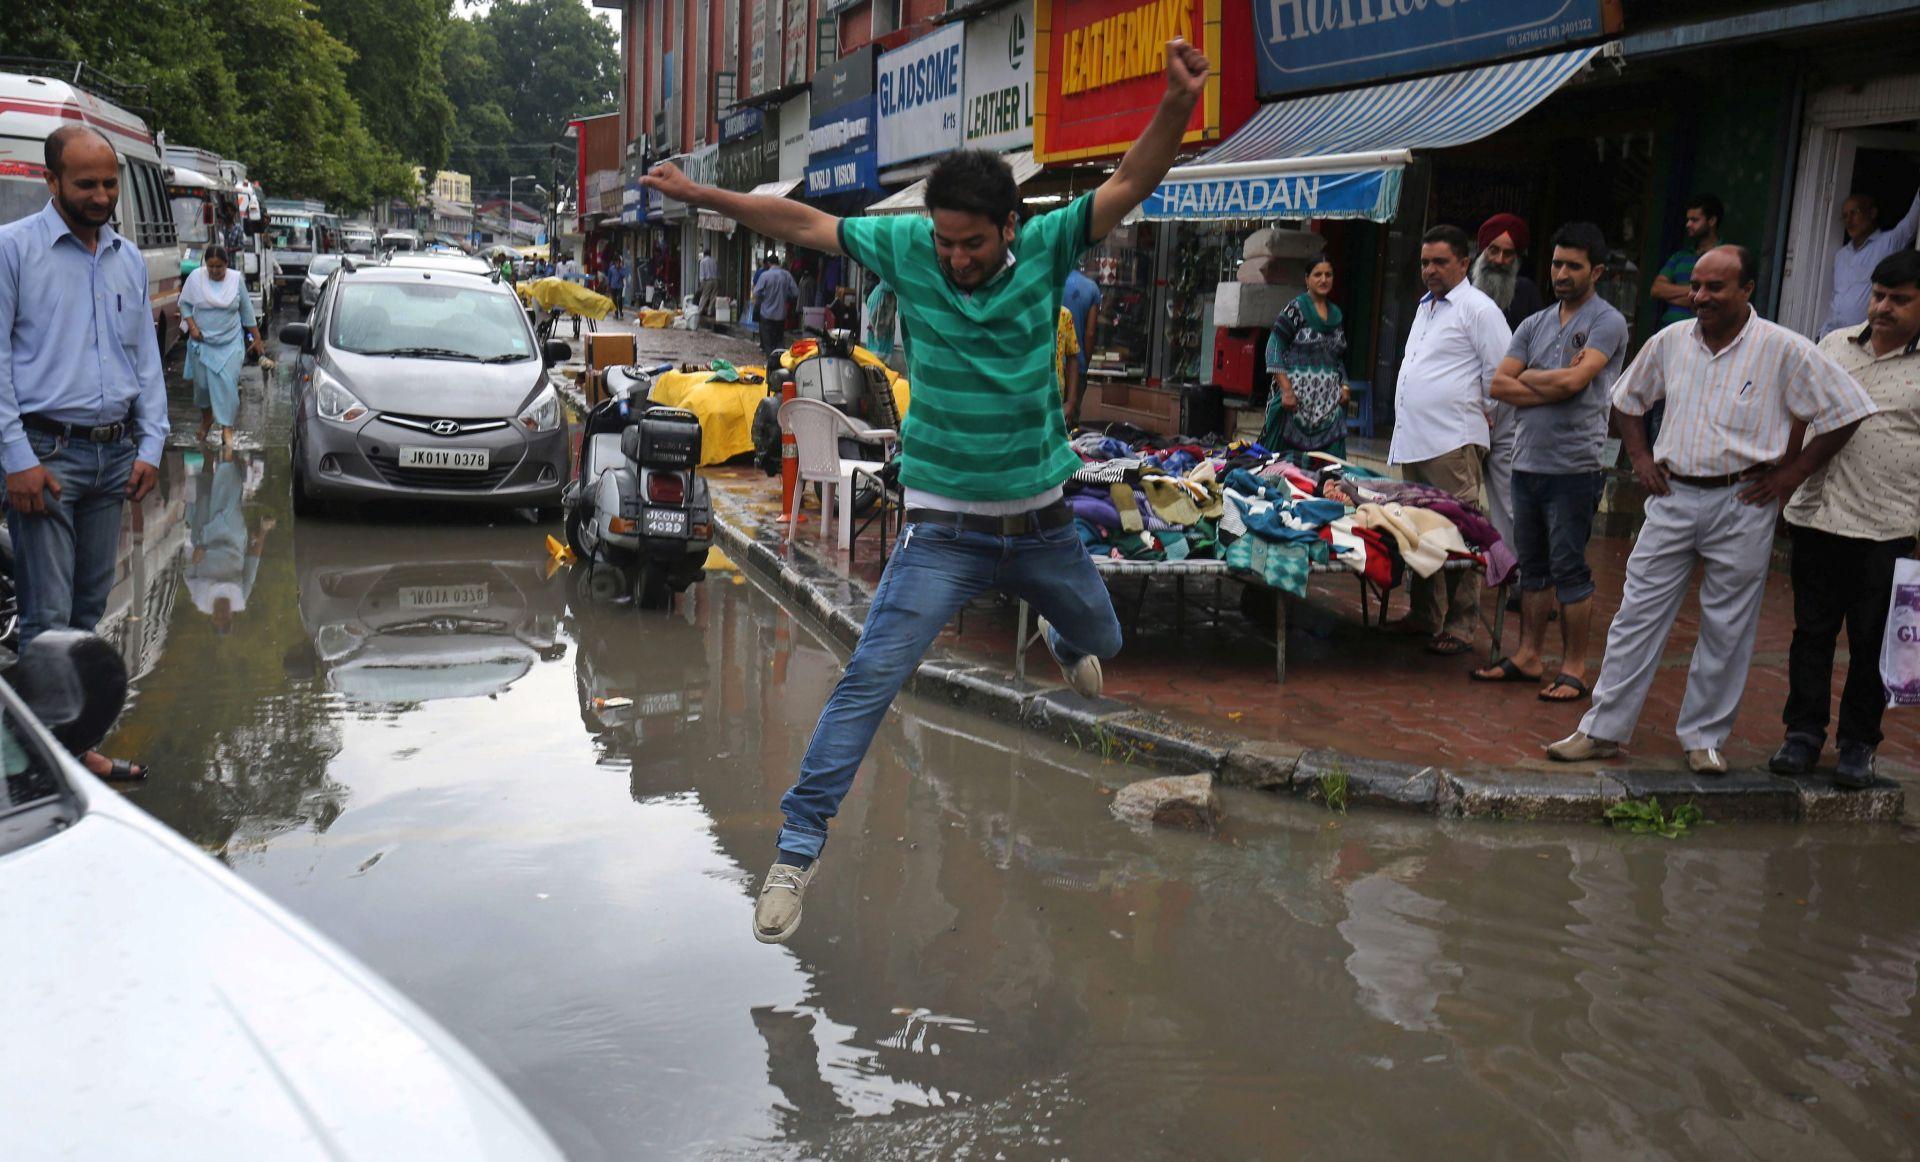 Monsunske kiše usmrtile stotine u Aziji, u Indiji više od 120